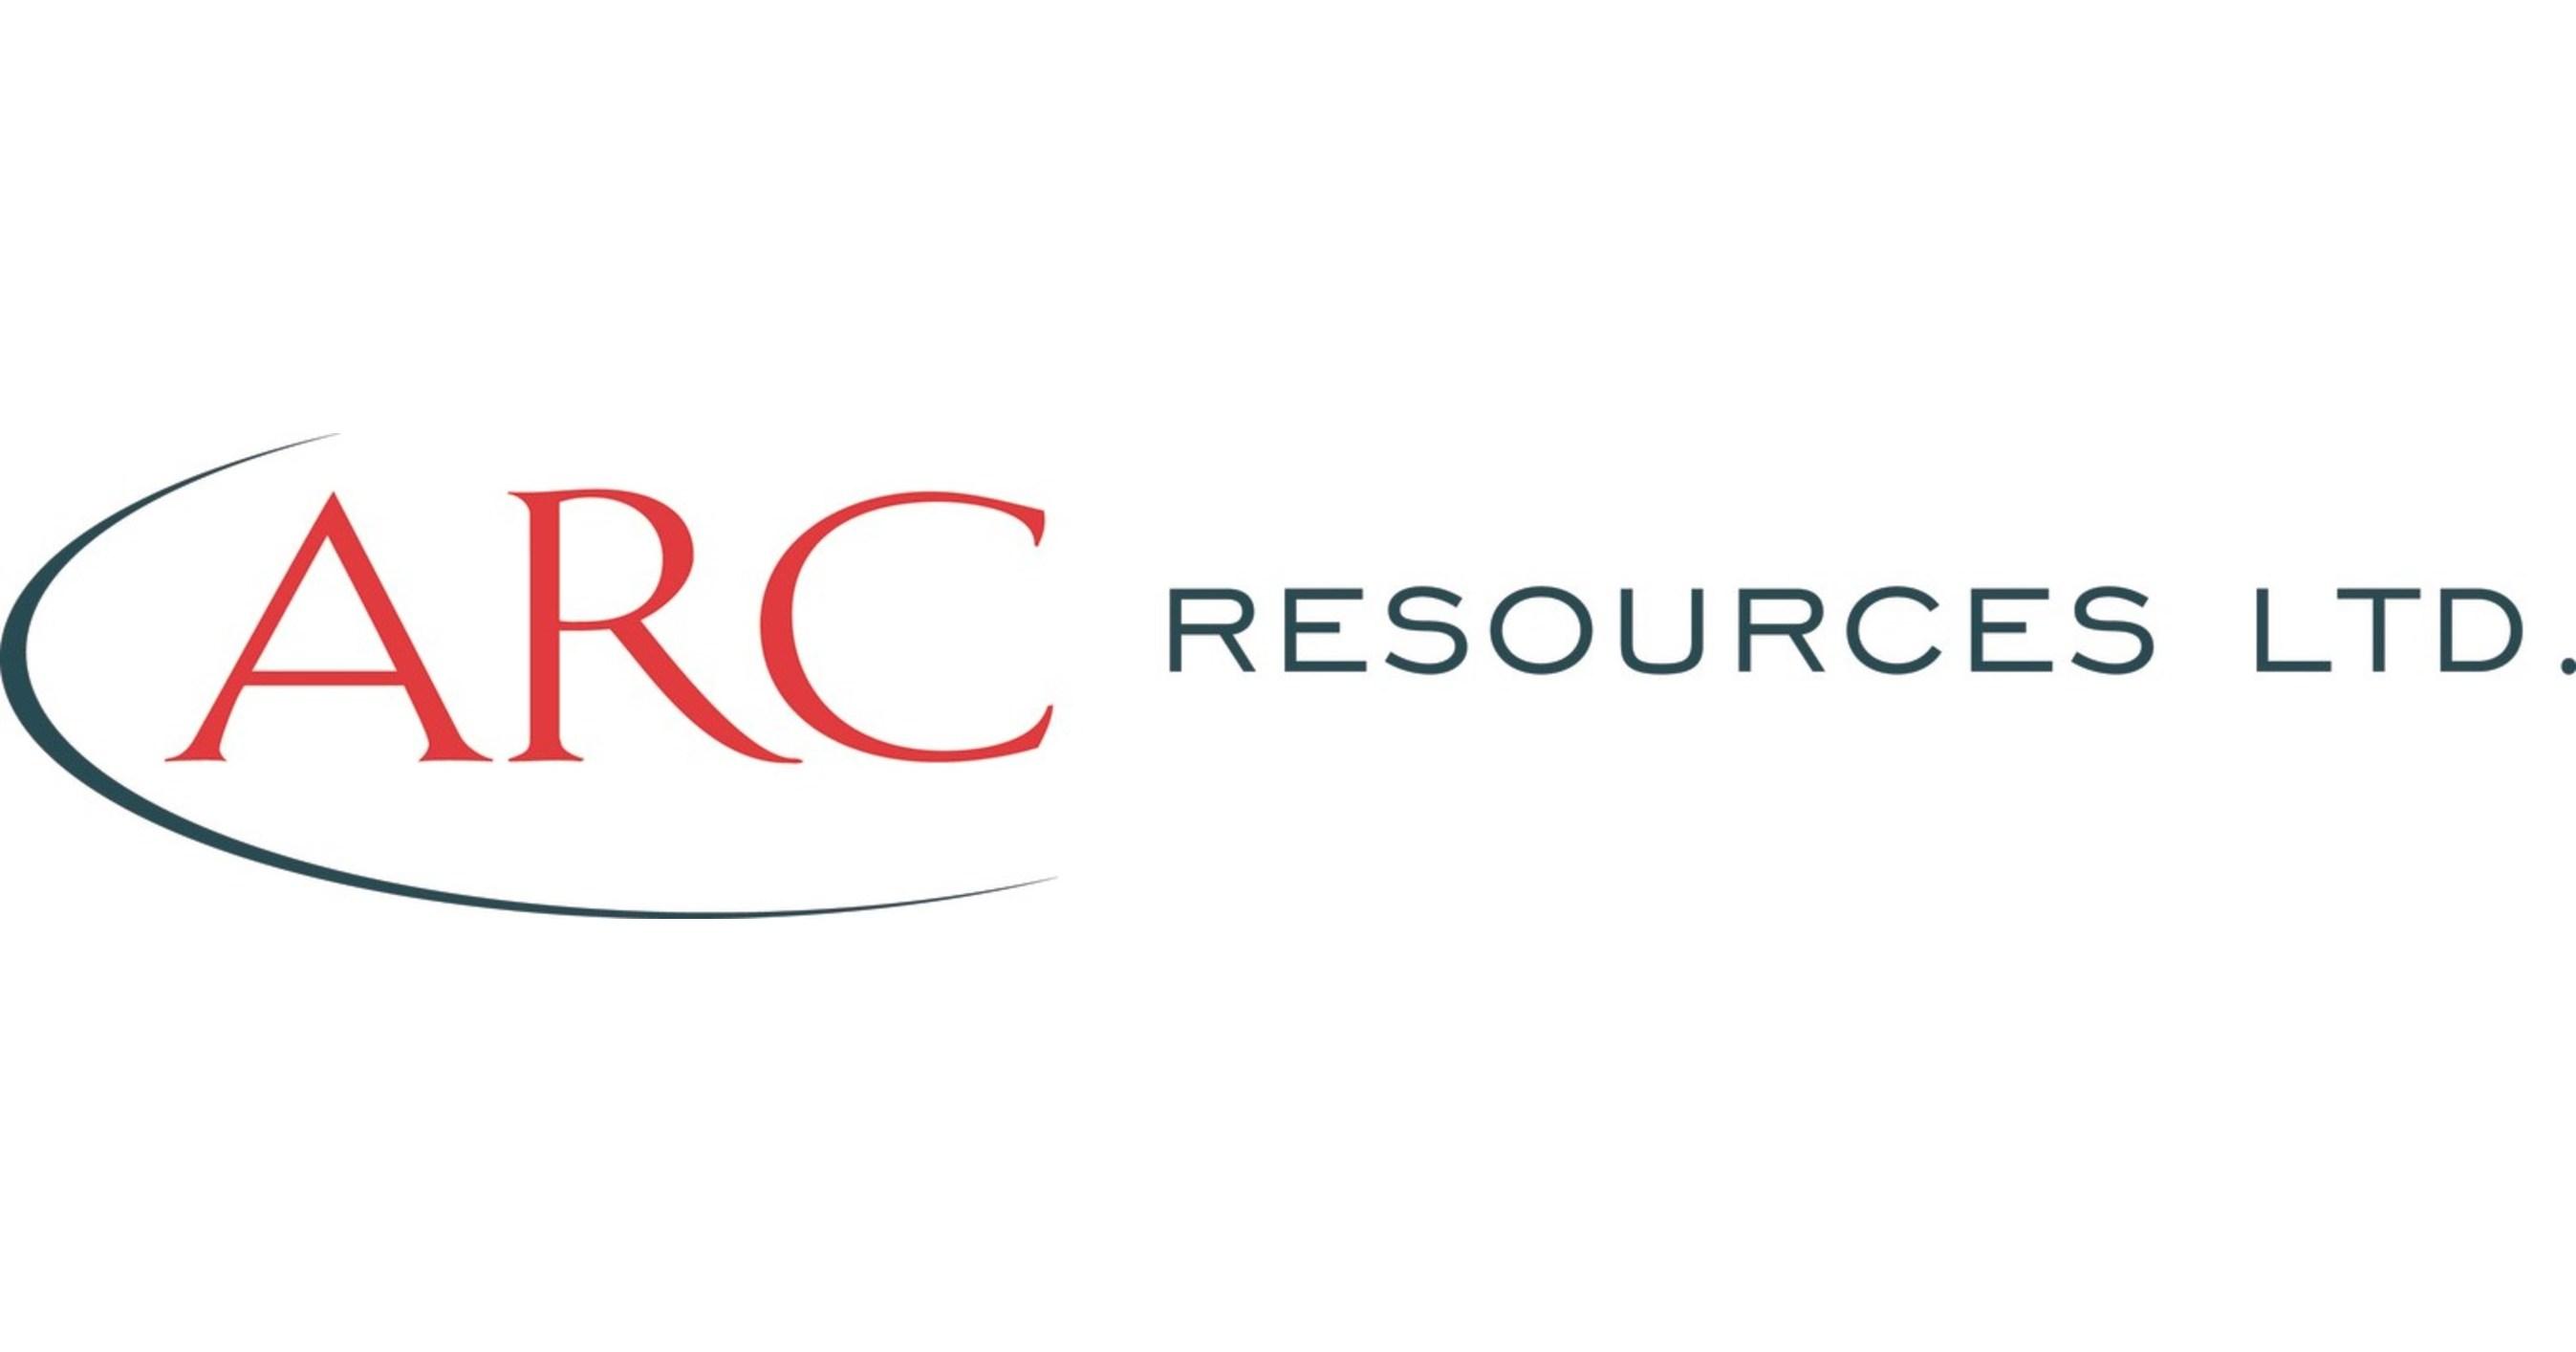 ARC Resources Ltd. Announces $690 Million Capital Program